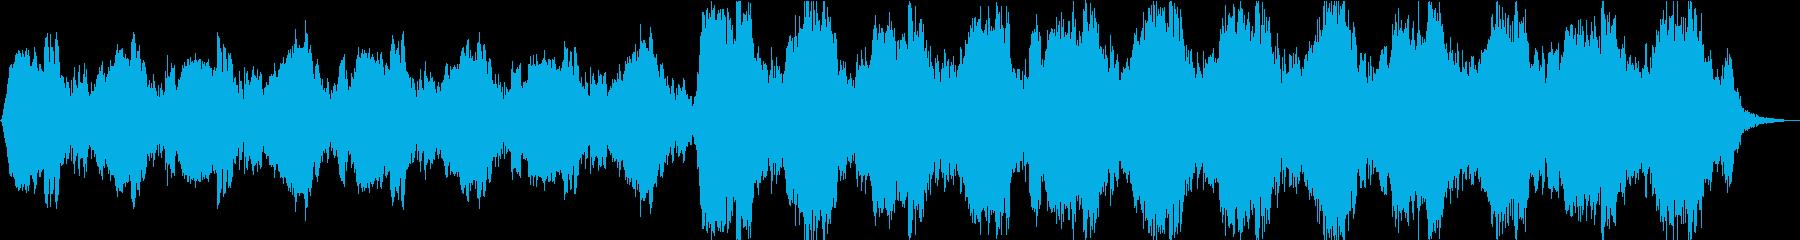 アンビエントなホラー曲の再生済みの波形